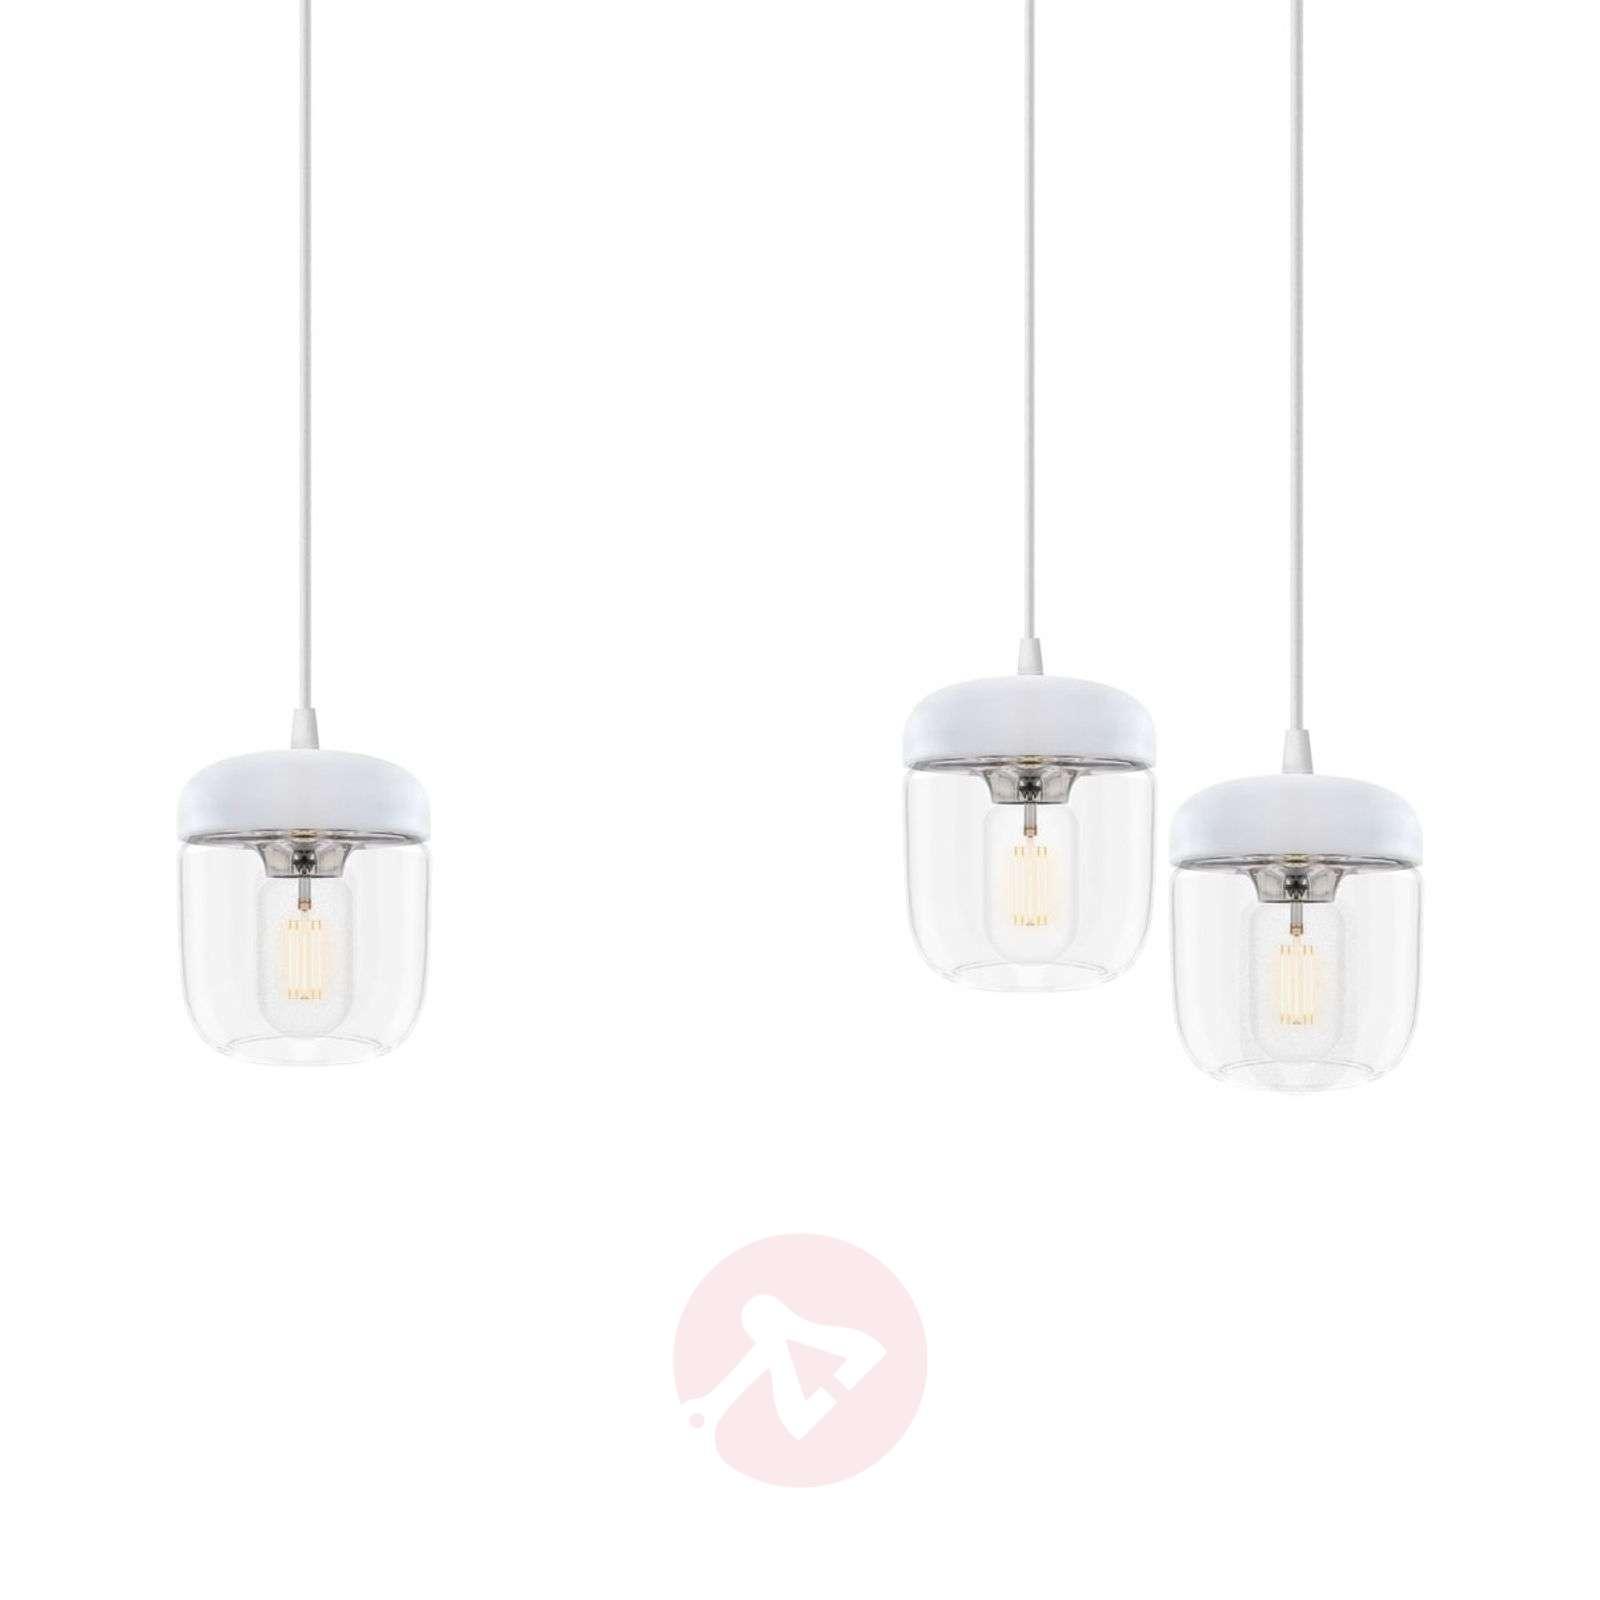 3-lamppuinen riippuvalaisin Acorn valkoinen, teräs-9521093-01